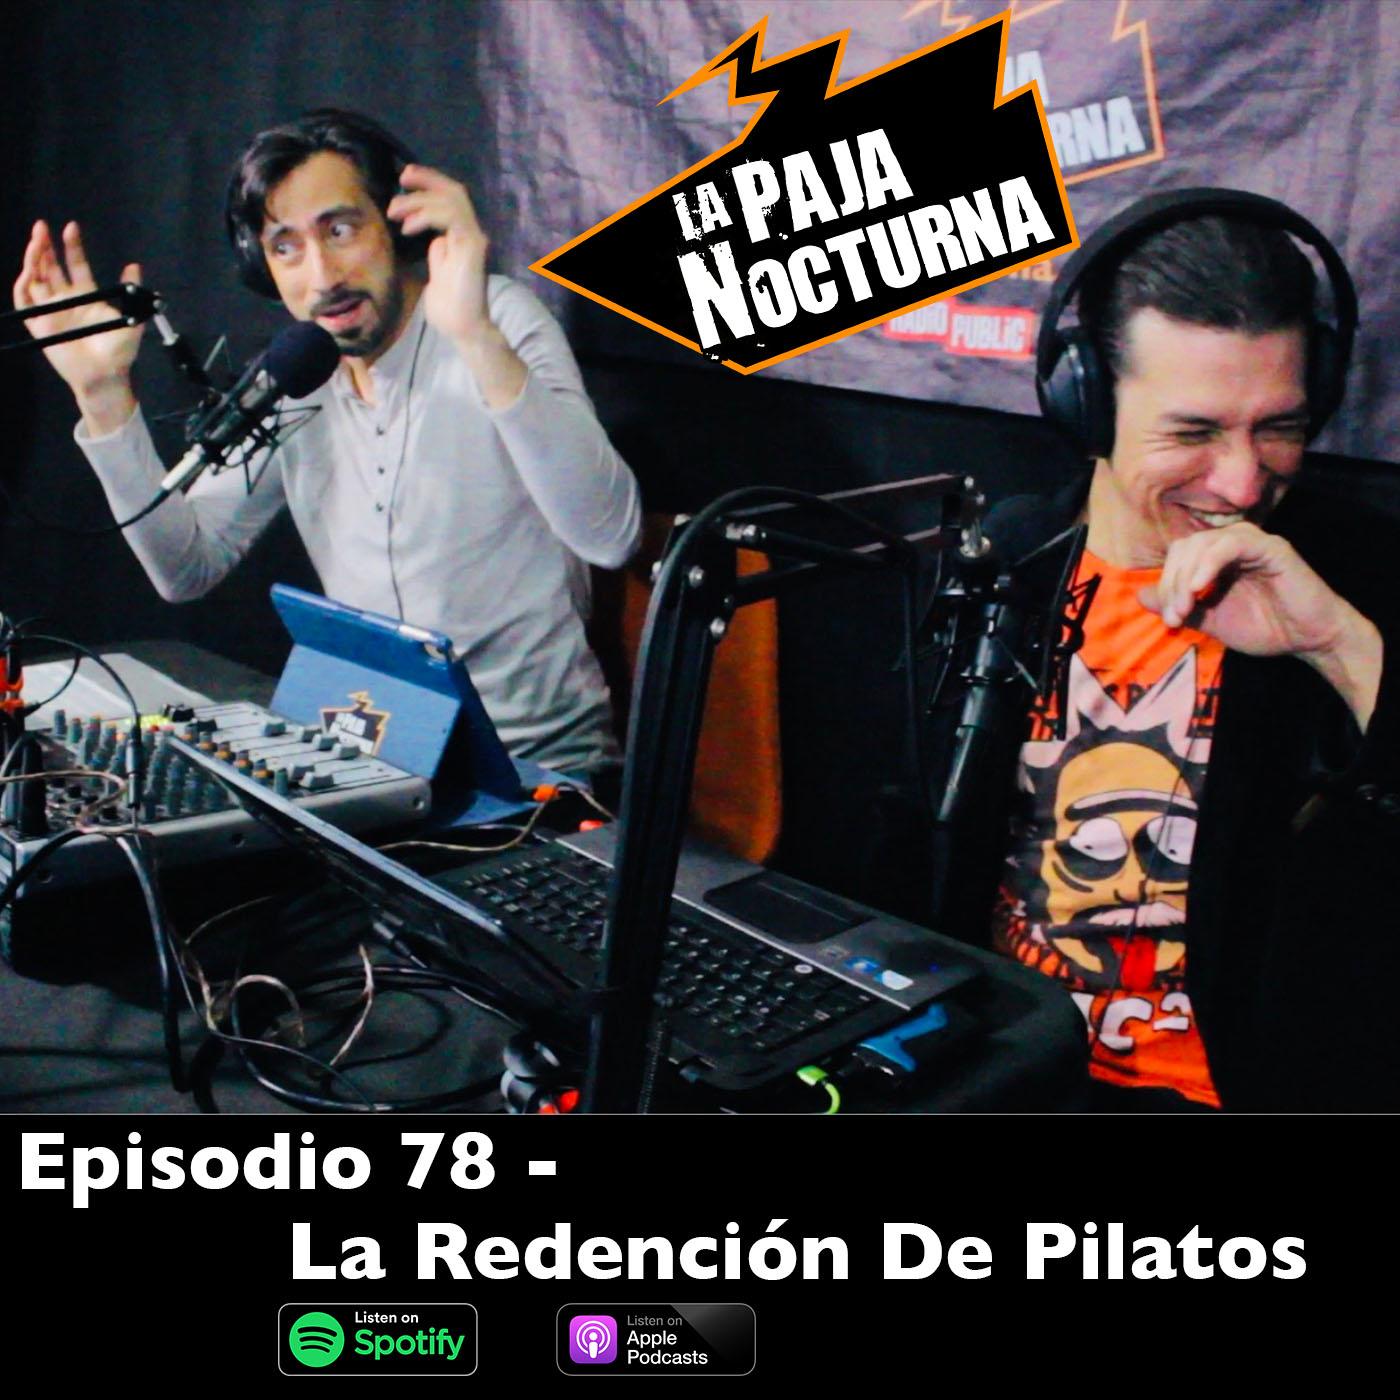 La paja nocturna podcast Episodio 78